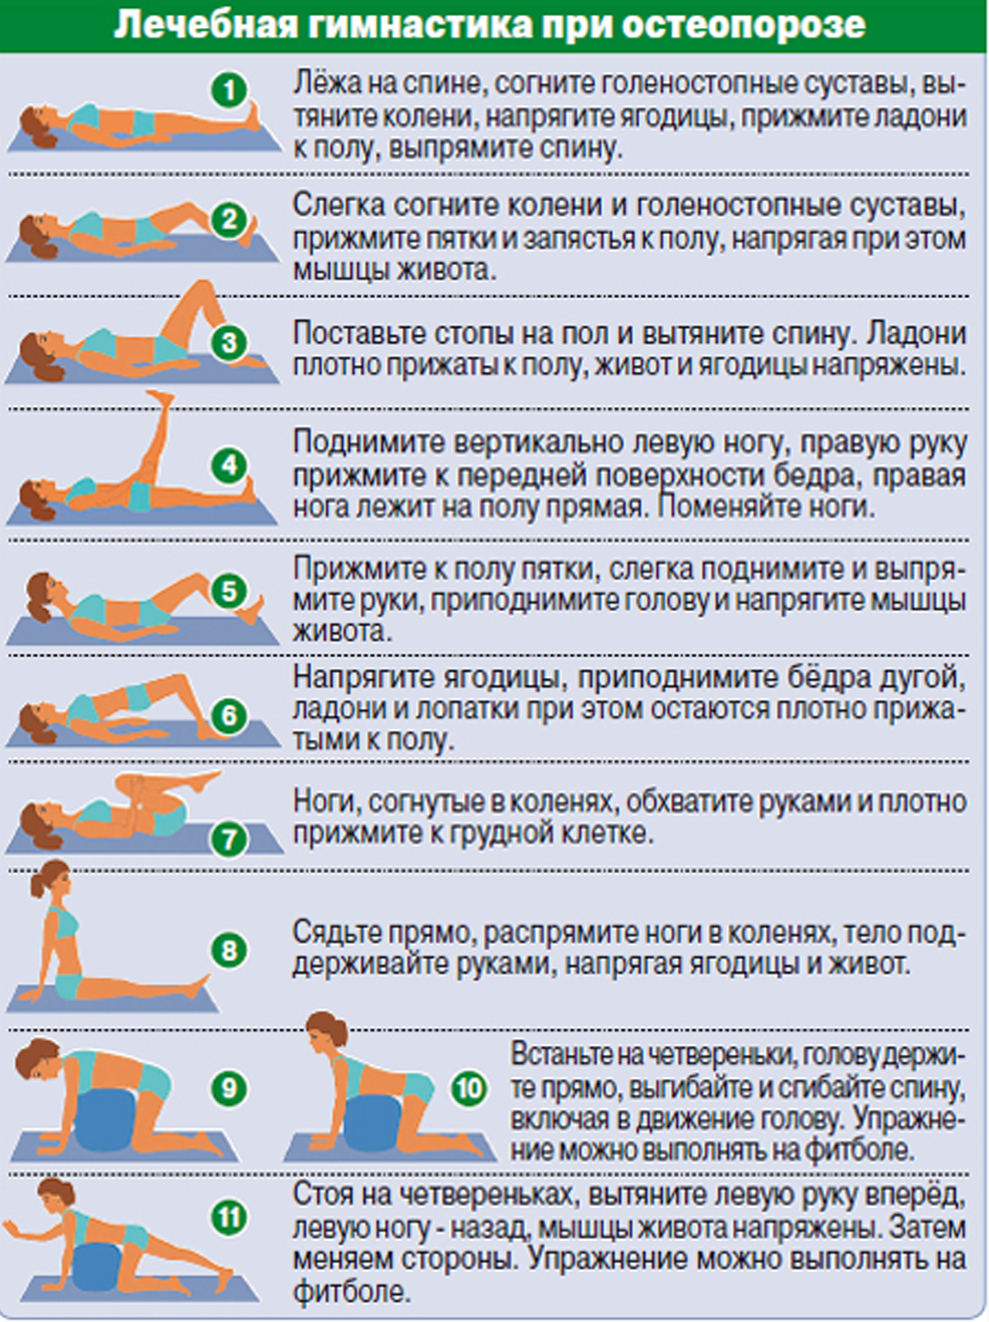 Бубновский для грудного отдела позвоночника